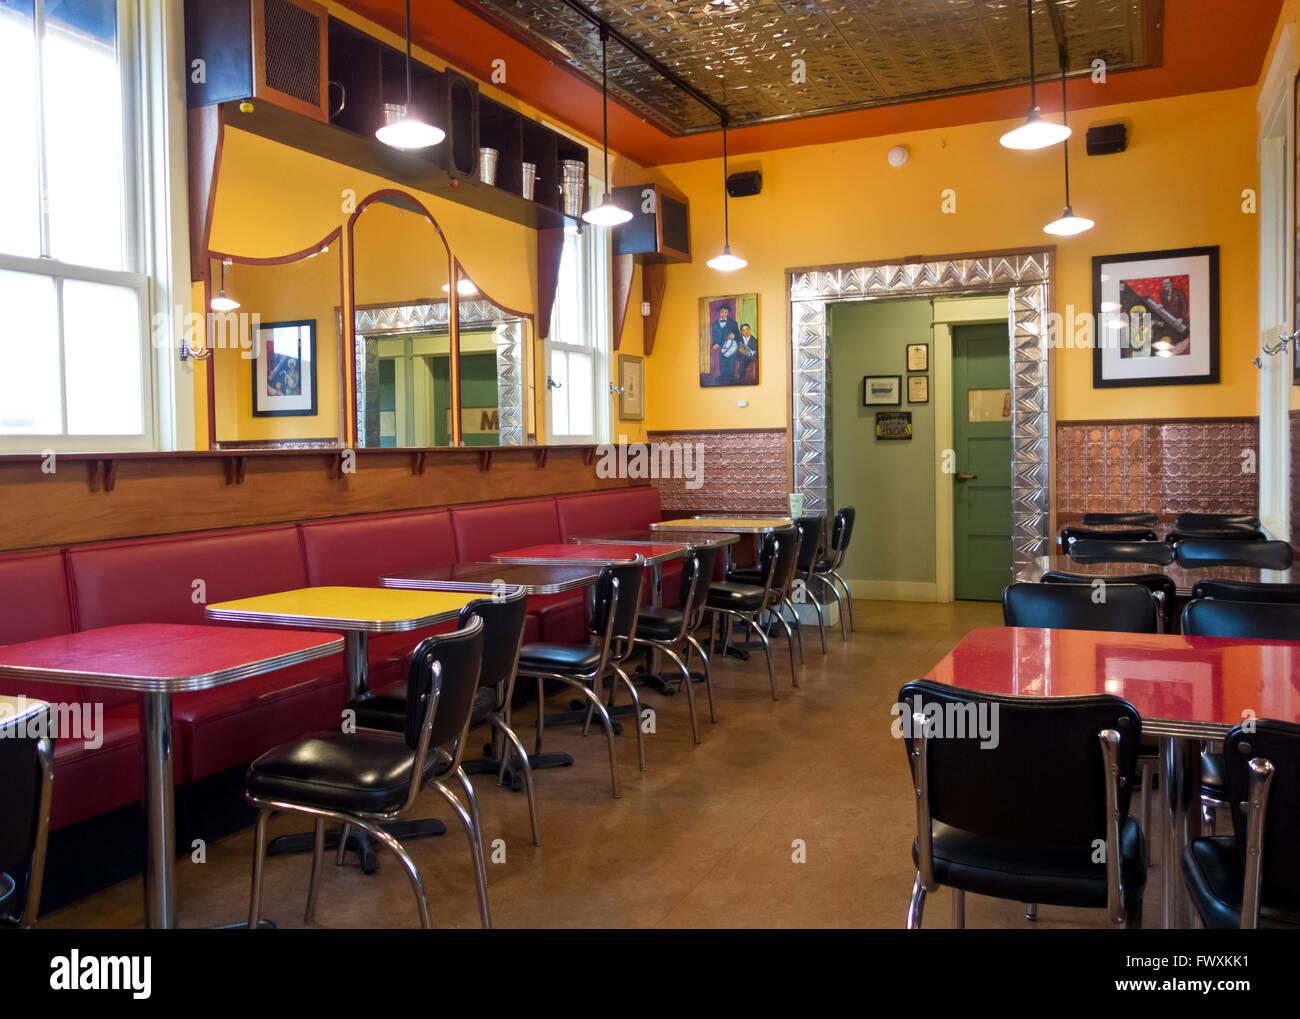 Diner retro como el interior de la Bahía Inútil, la Compañía de Café restaurante y cafetería en Langley, Washington, EE.UU. Foto de stock